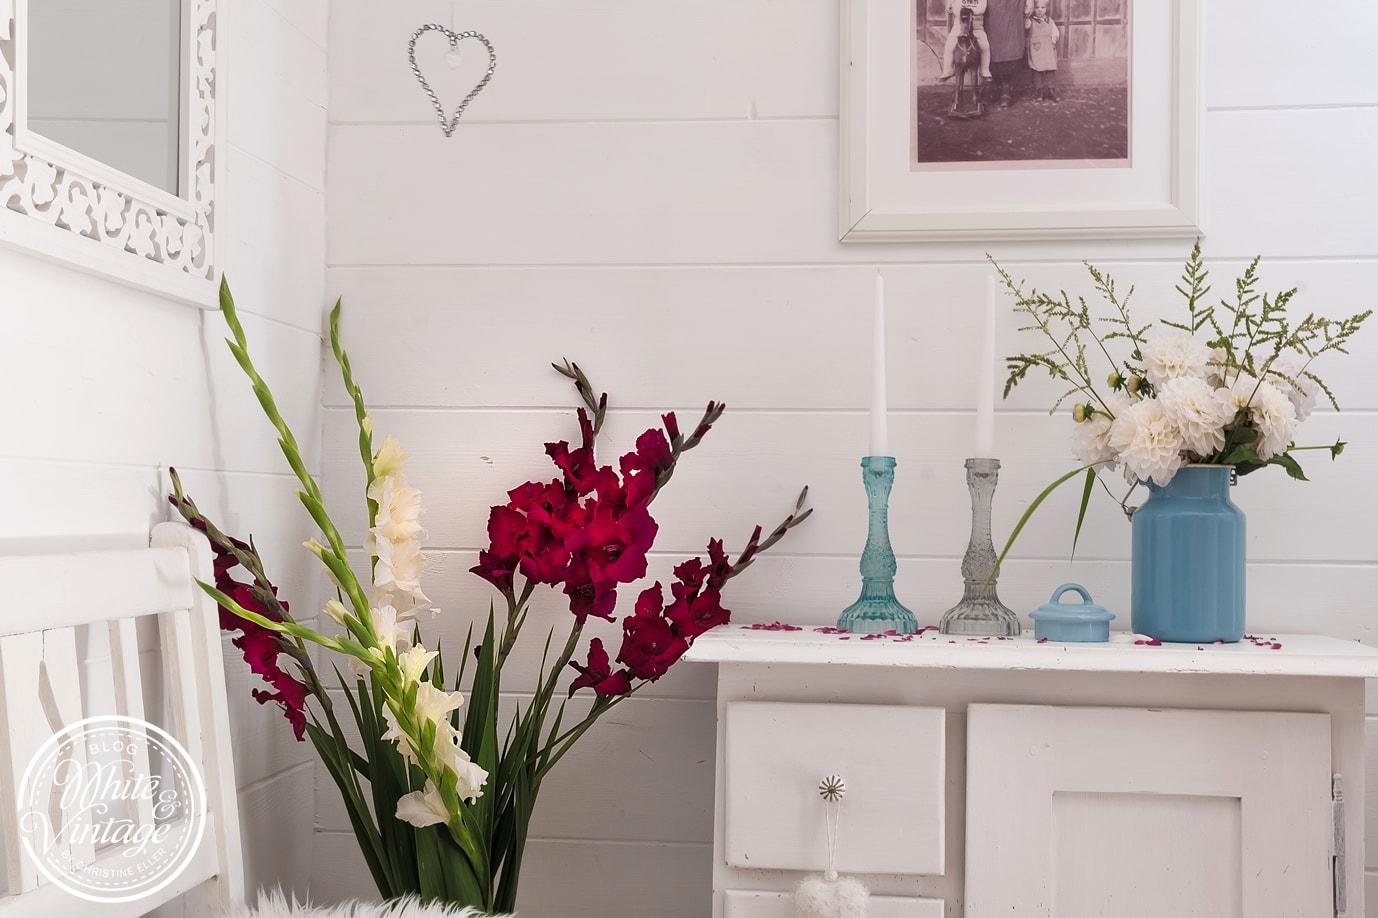 Gladiolen wirken imposant und verändern einen Raum.